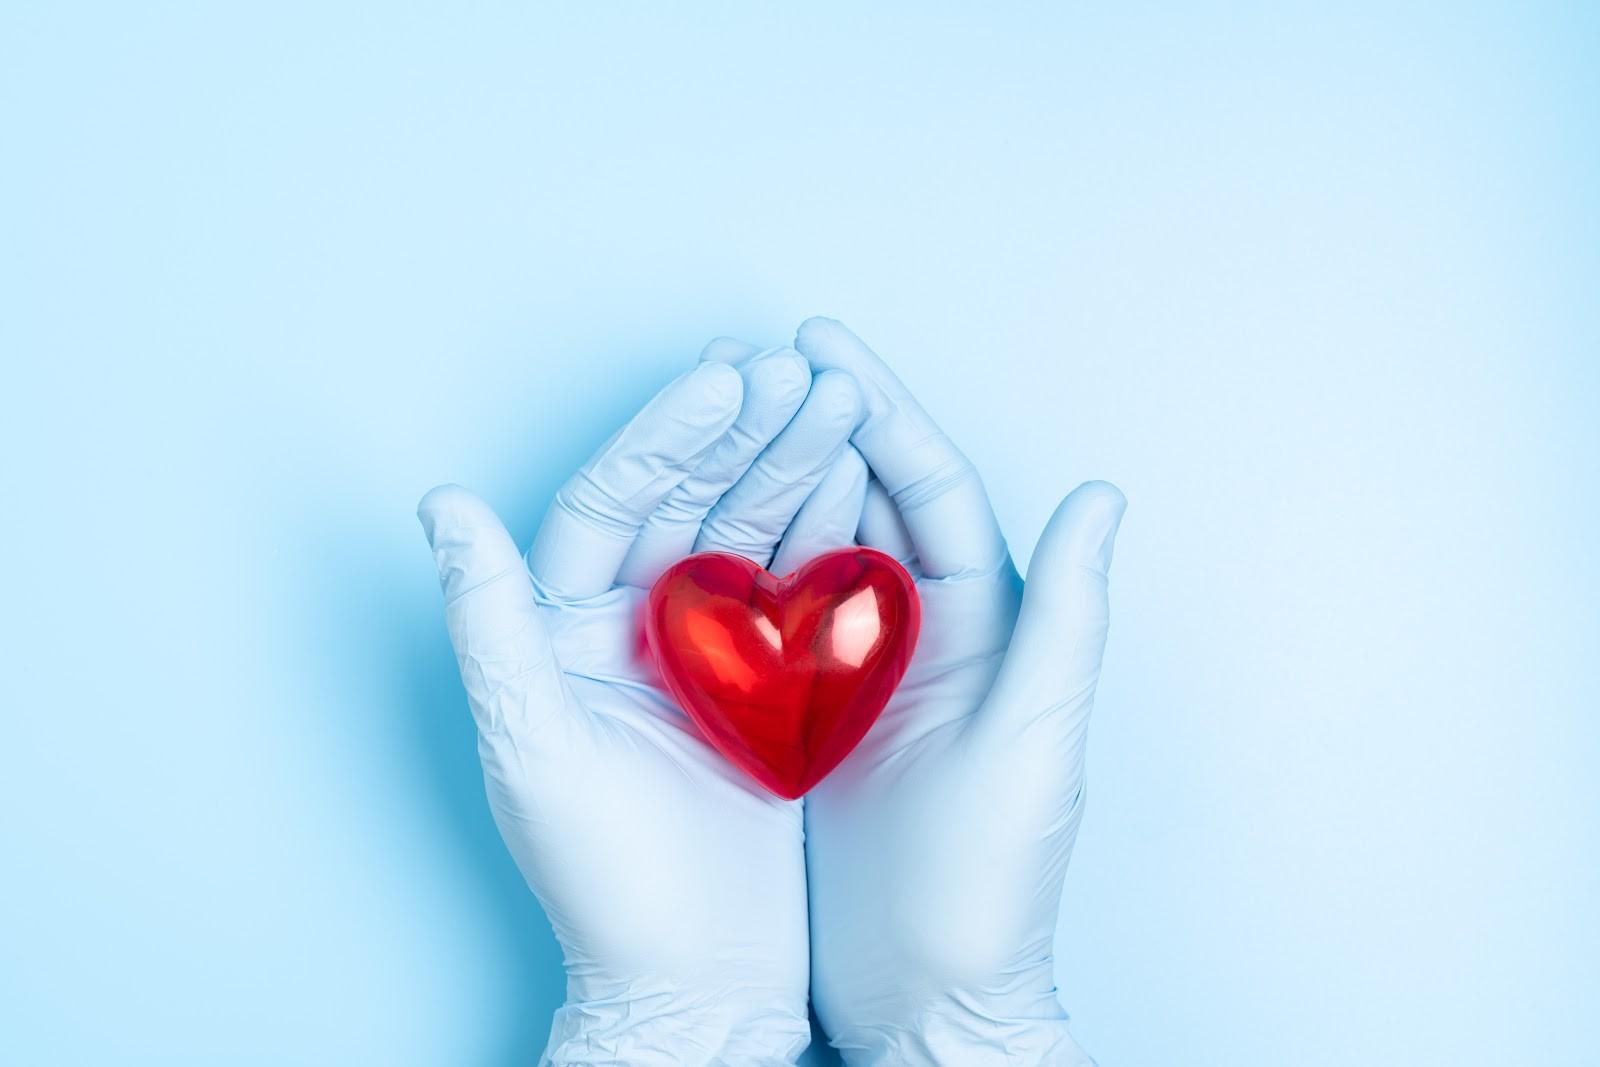 หัวใจล้มเหลว,pantip,อาการ,สาเหตุ,วิธีป้องกัน,วิธีรักษา,ดูแลสุขภาพ